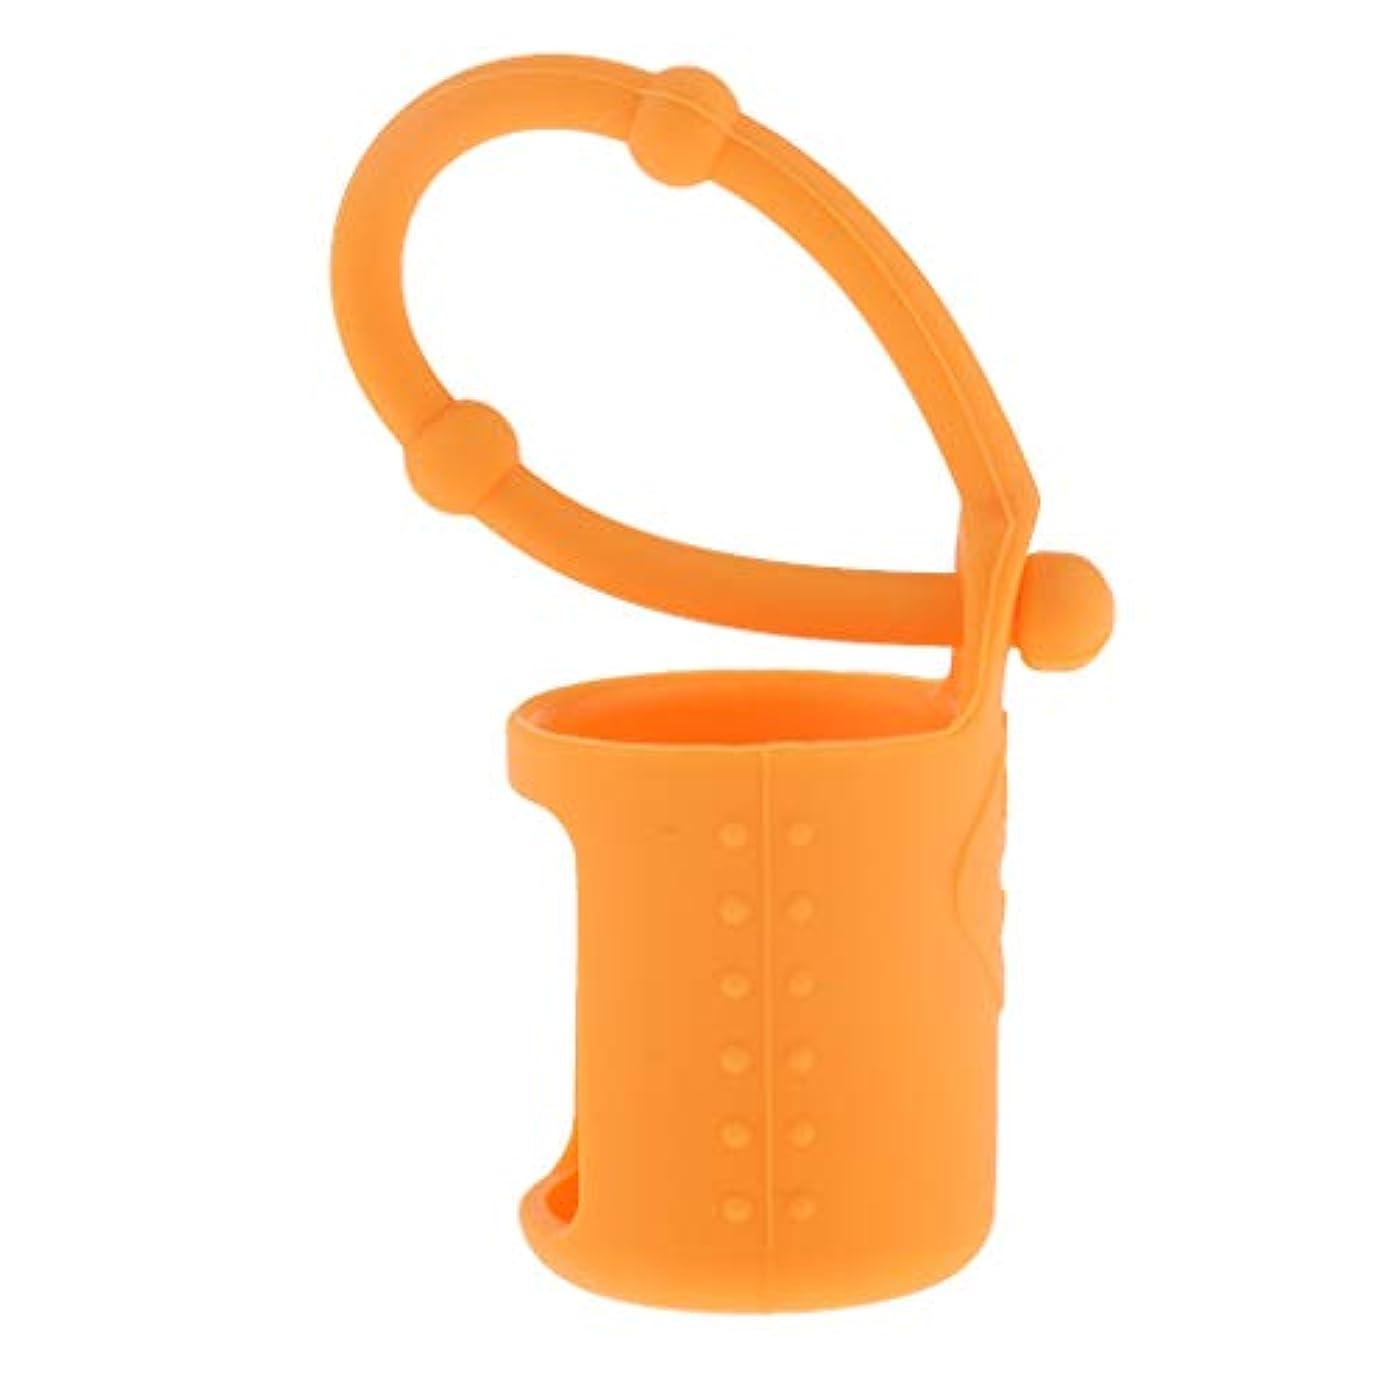 縁ハードシャー6色選べ シリコーン ローラーボトルホルダー エッセンシャルオイル キャリングケース 5ml - オレンジ